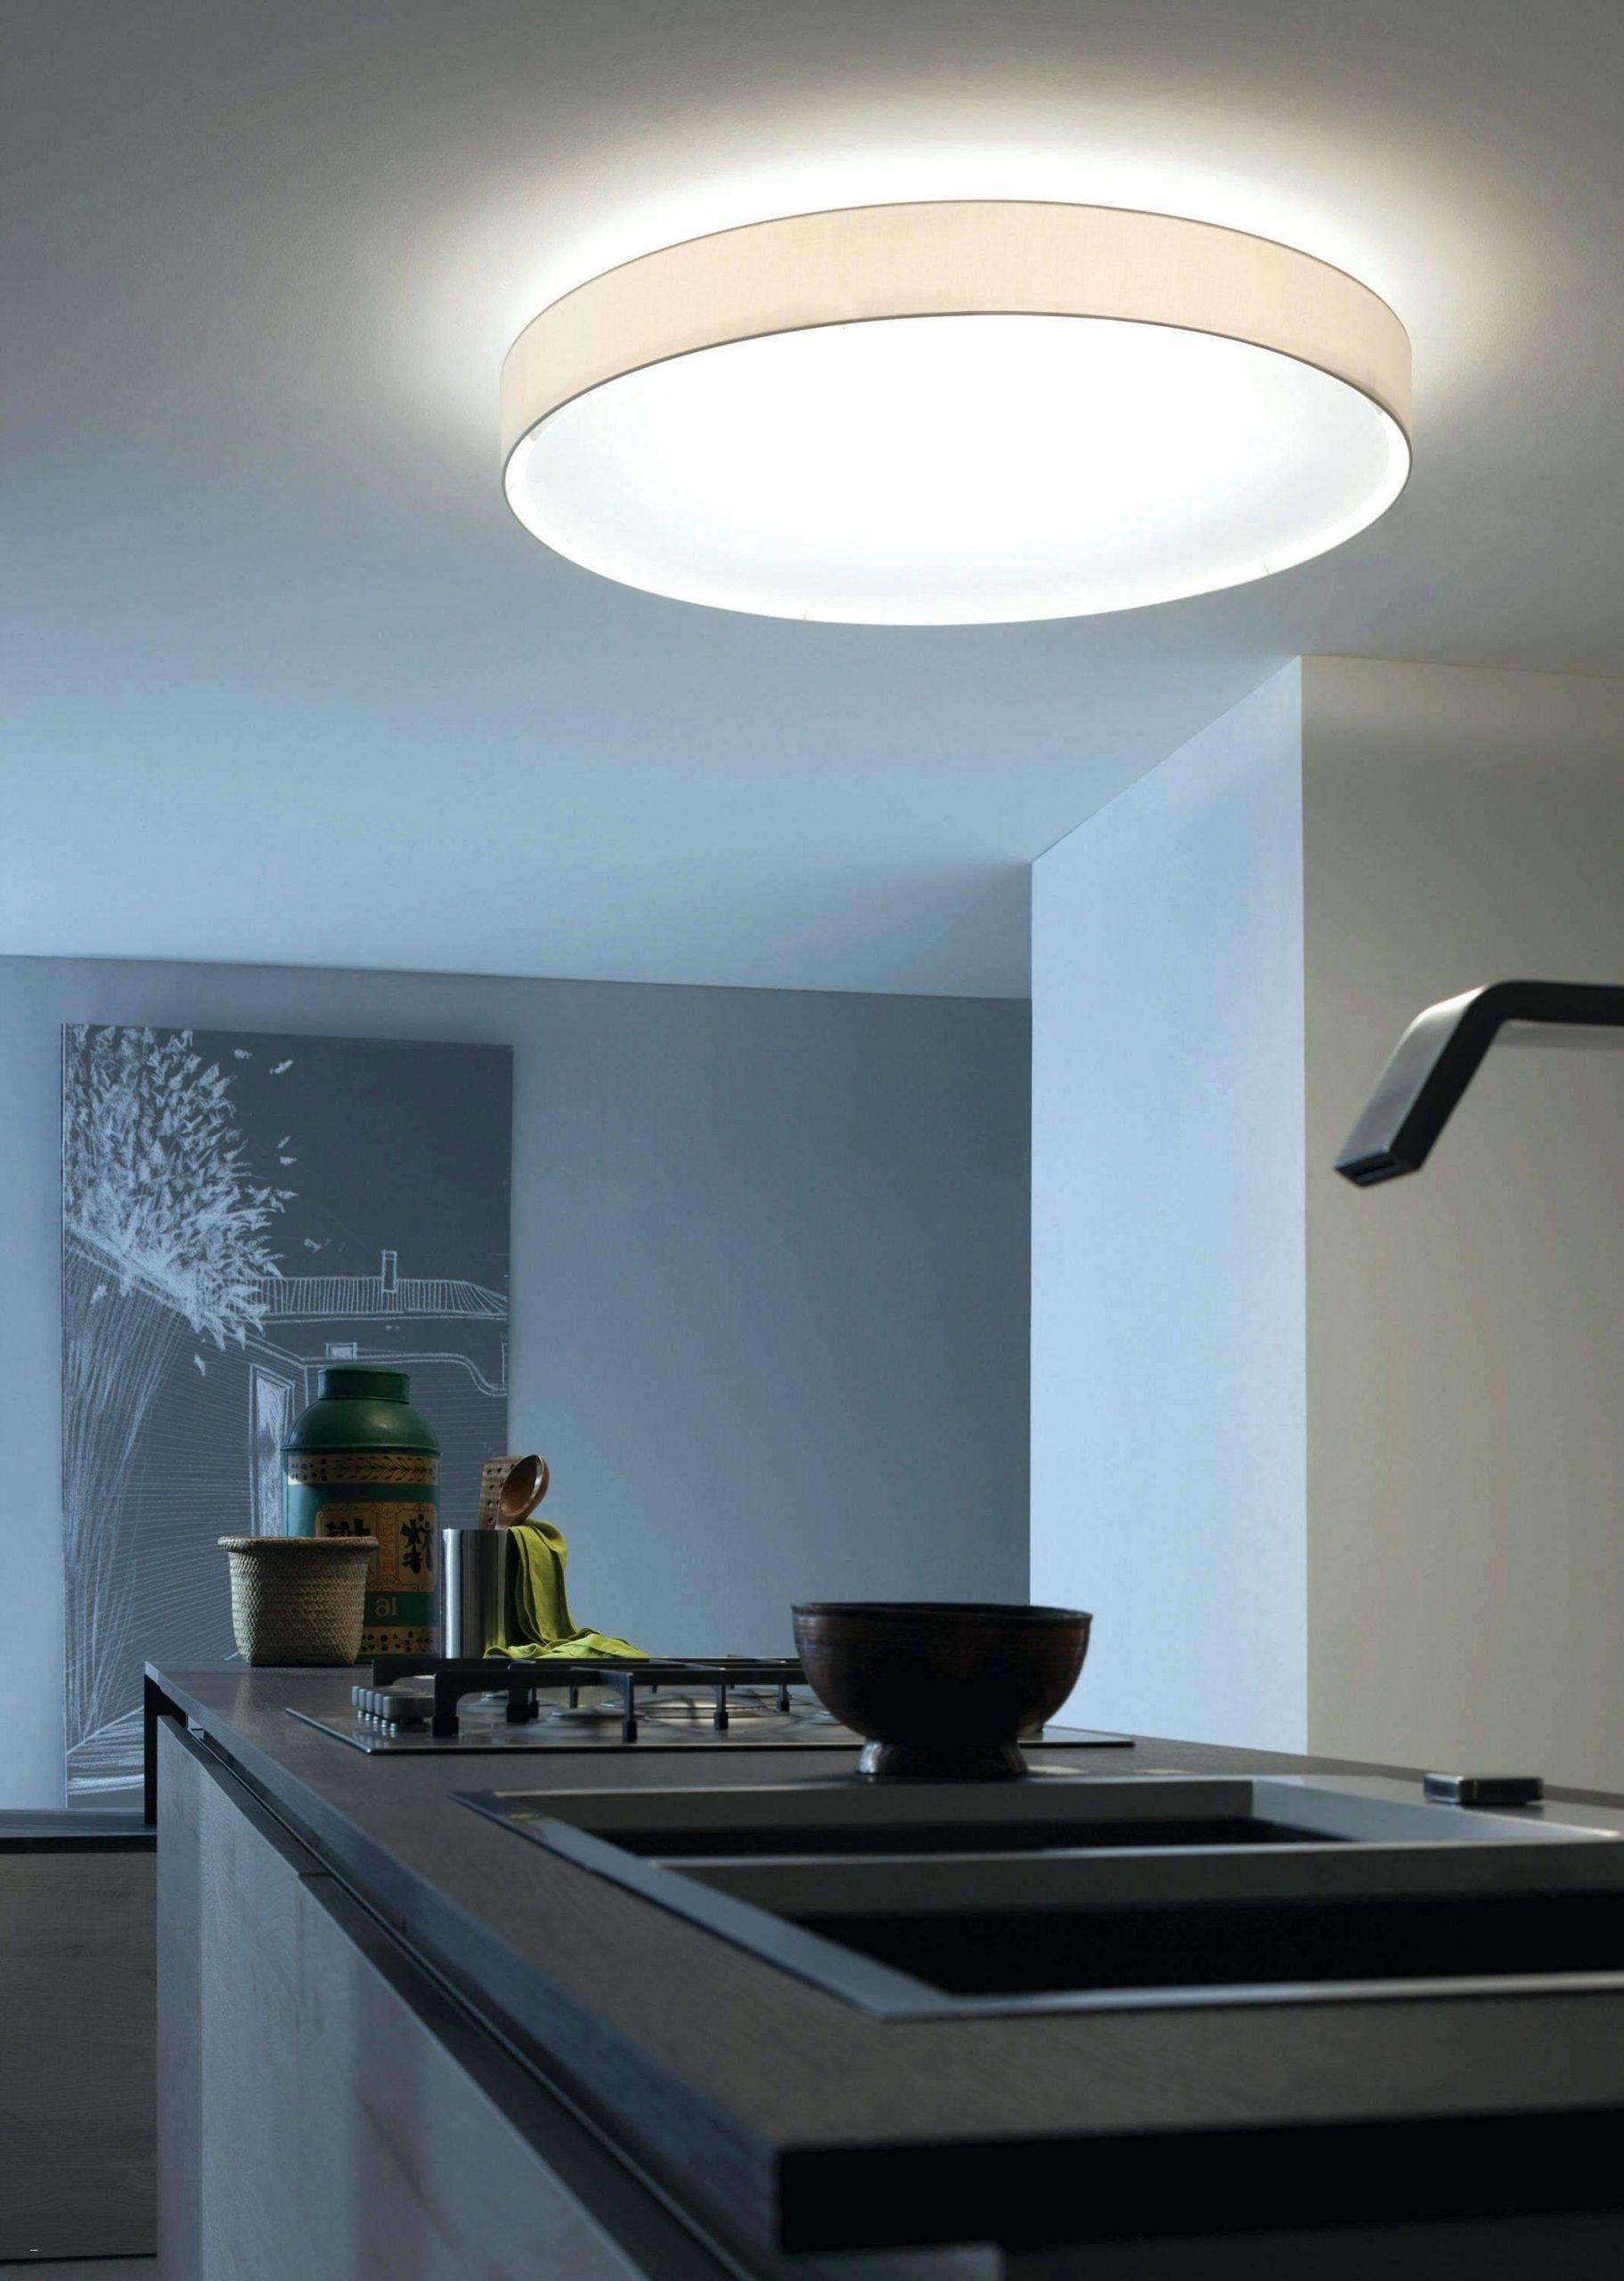 Full Size of Deckenleuchten Wohnzimmer Led Haus Design Stehlampe Gardine Beleuchtung Deckenlampen Teppiche Komplett Sideboard Gardinen Für Moderne Deckenleuchte Wohnzimmer Deckenleuchten Wohnzimmer